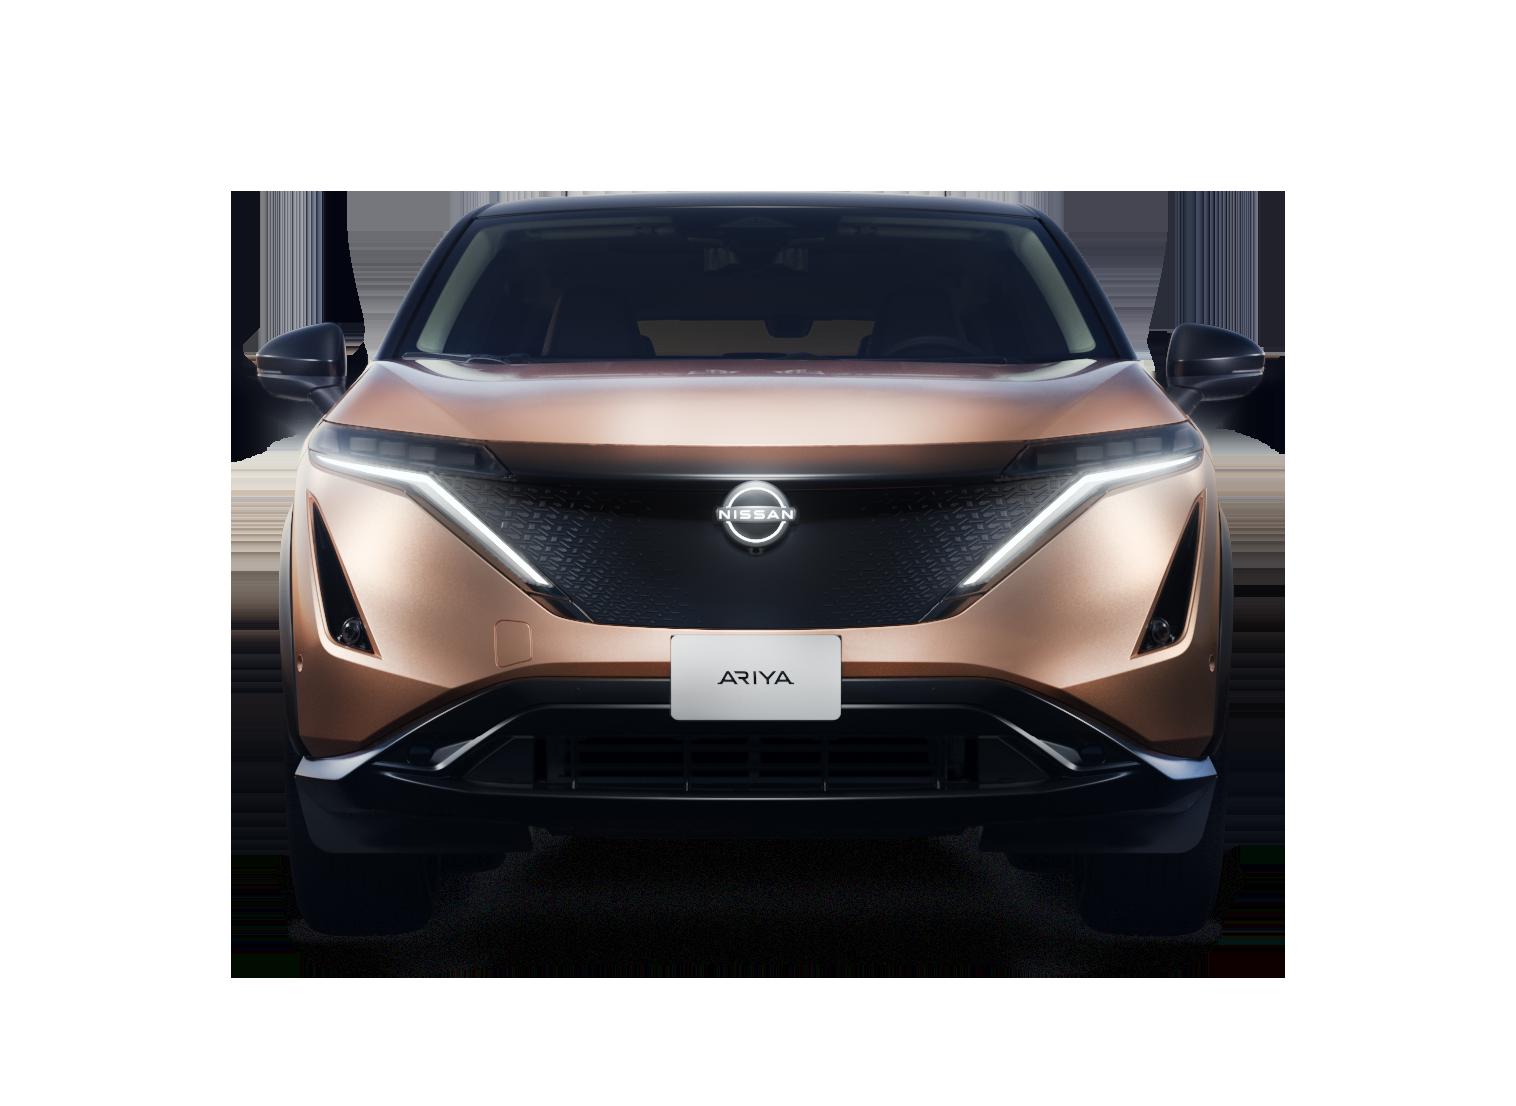 Nissan Ariya front med lygter tændt